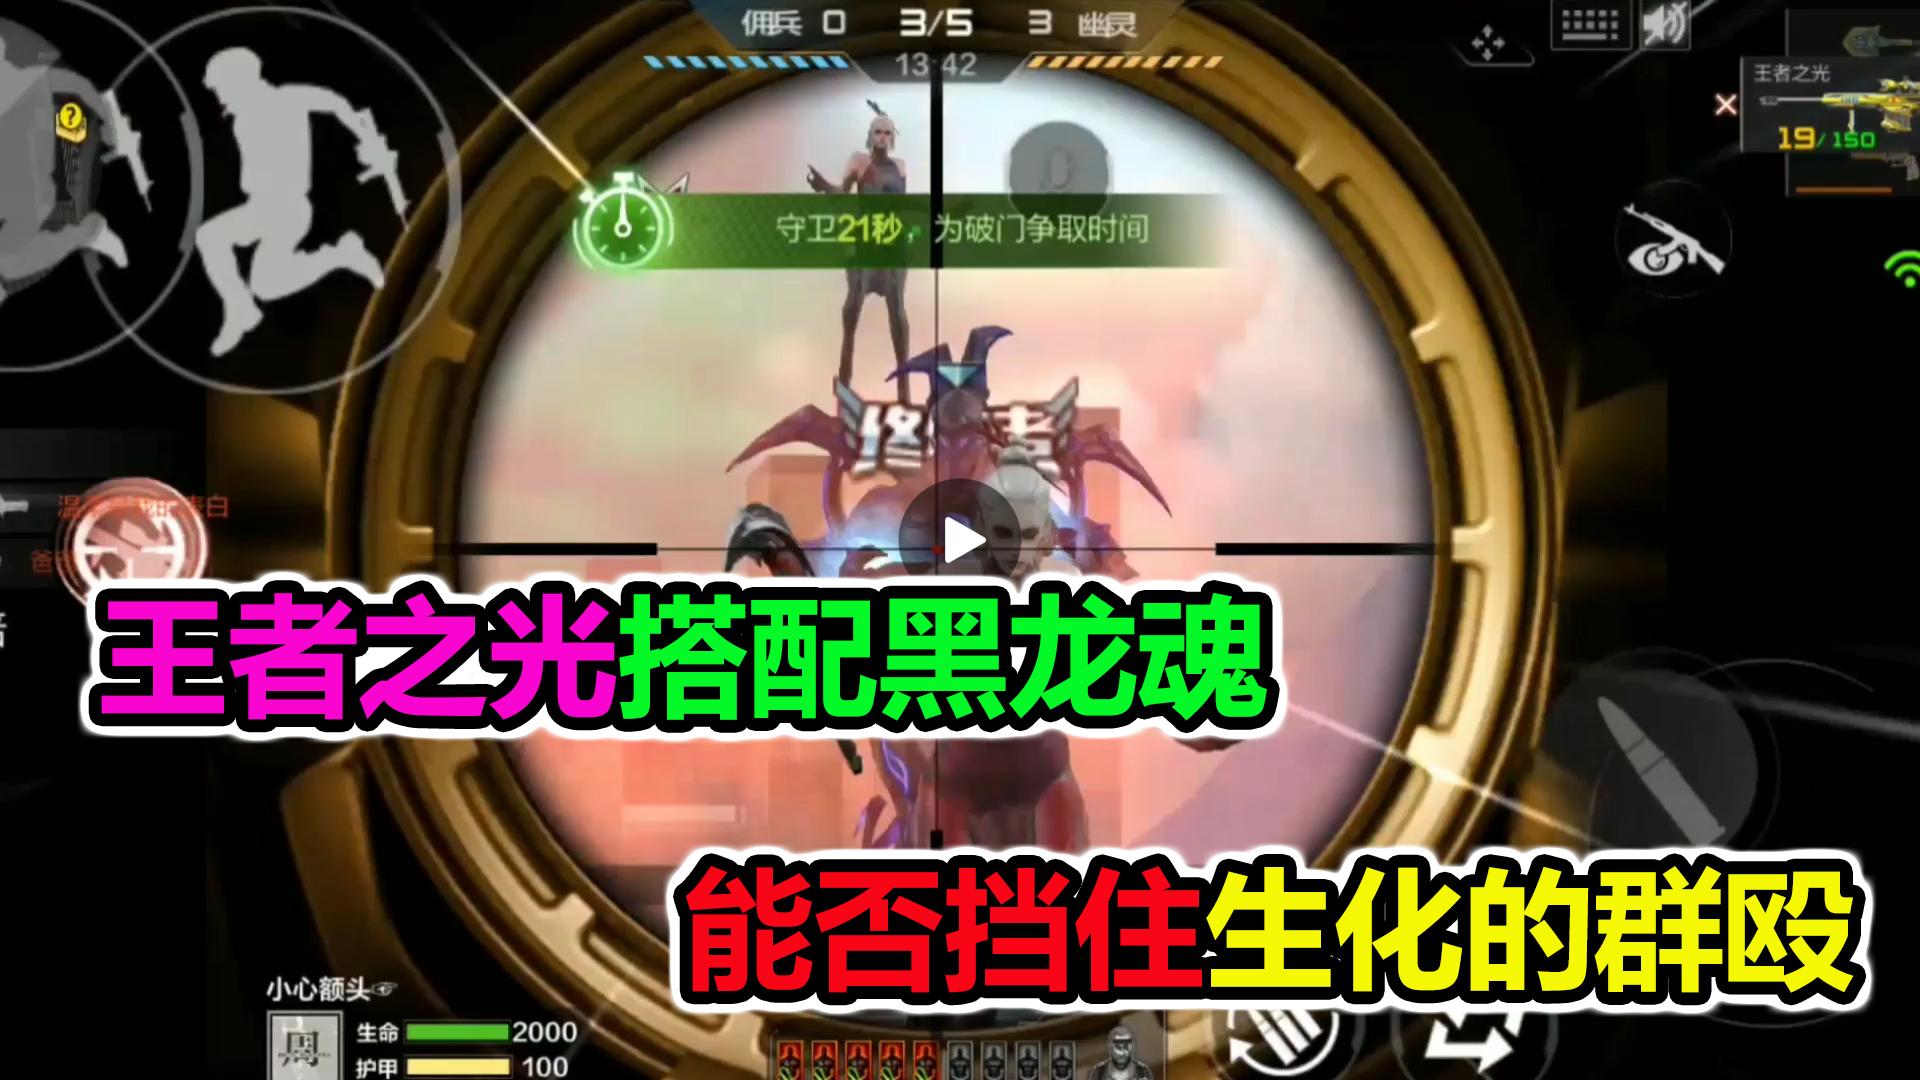 落星:最新的王者之光搭配黑龙魂,能否挡住生化的群殴呢?